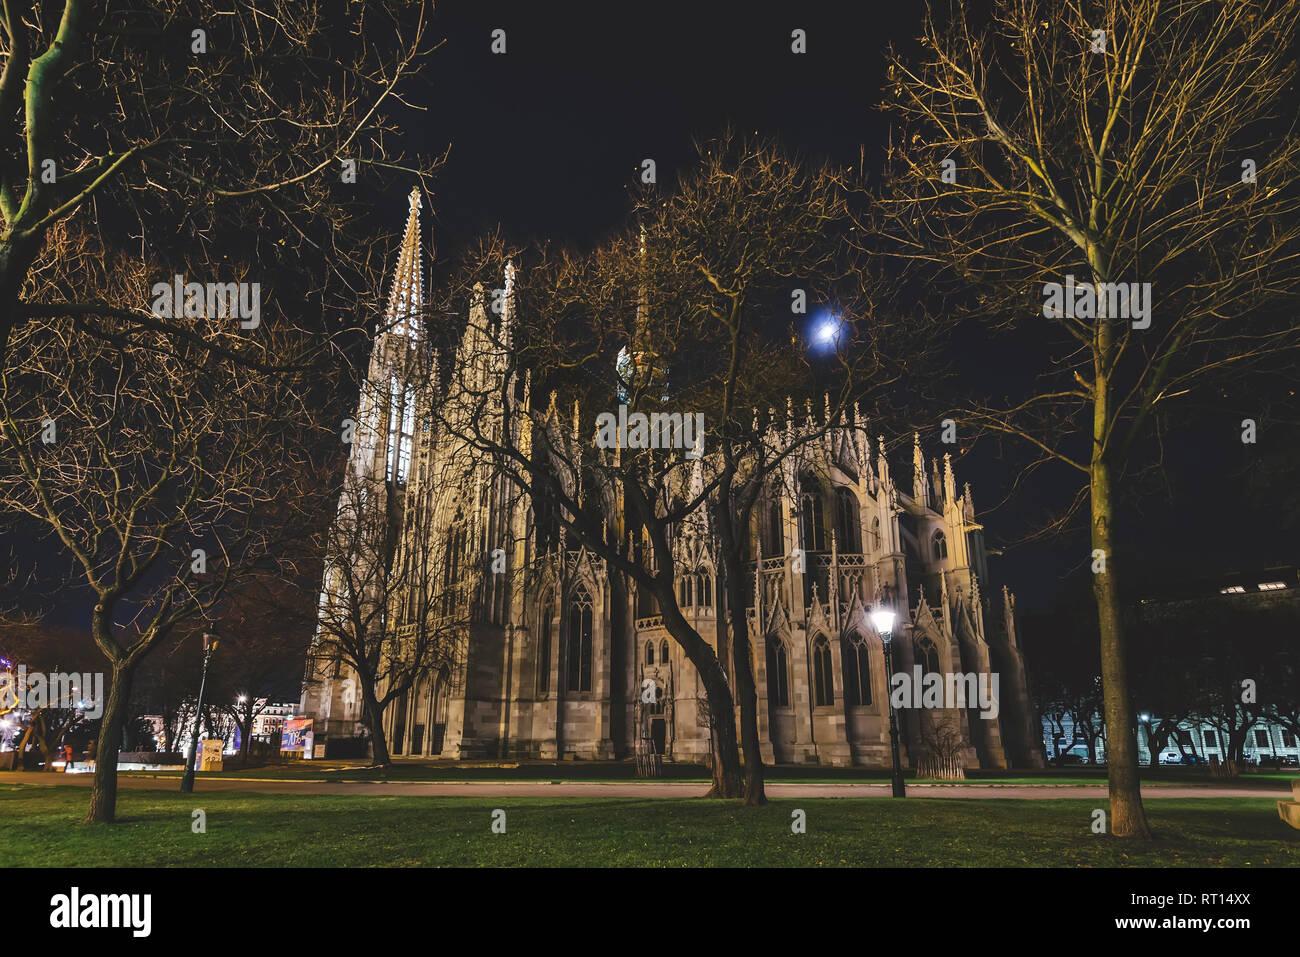 Vienna, Austria - December 25, 2017. Neo - gothic twin tower Votivkirche Illuminated at Night with no people. Facade of gothic Votive church, Sigmund  Stock Photo